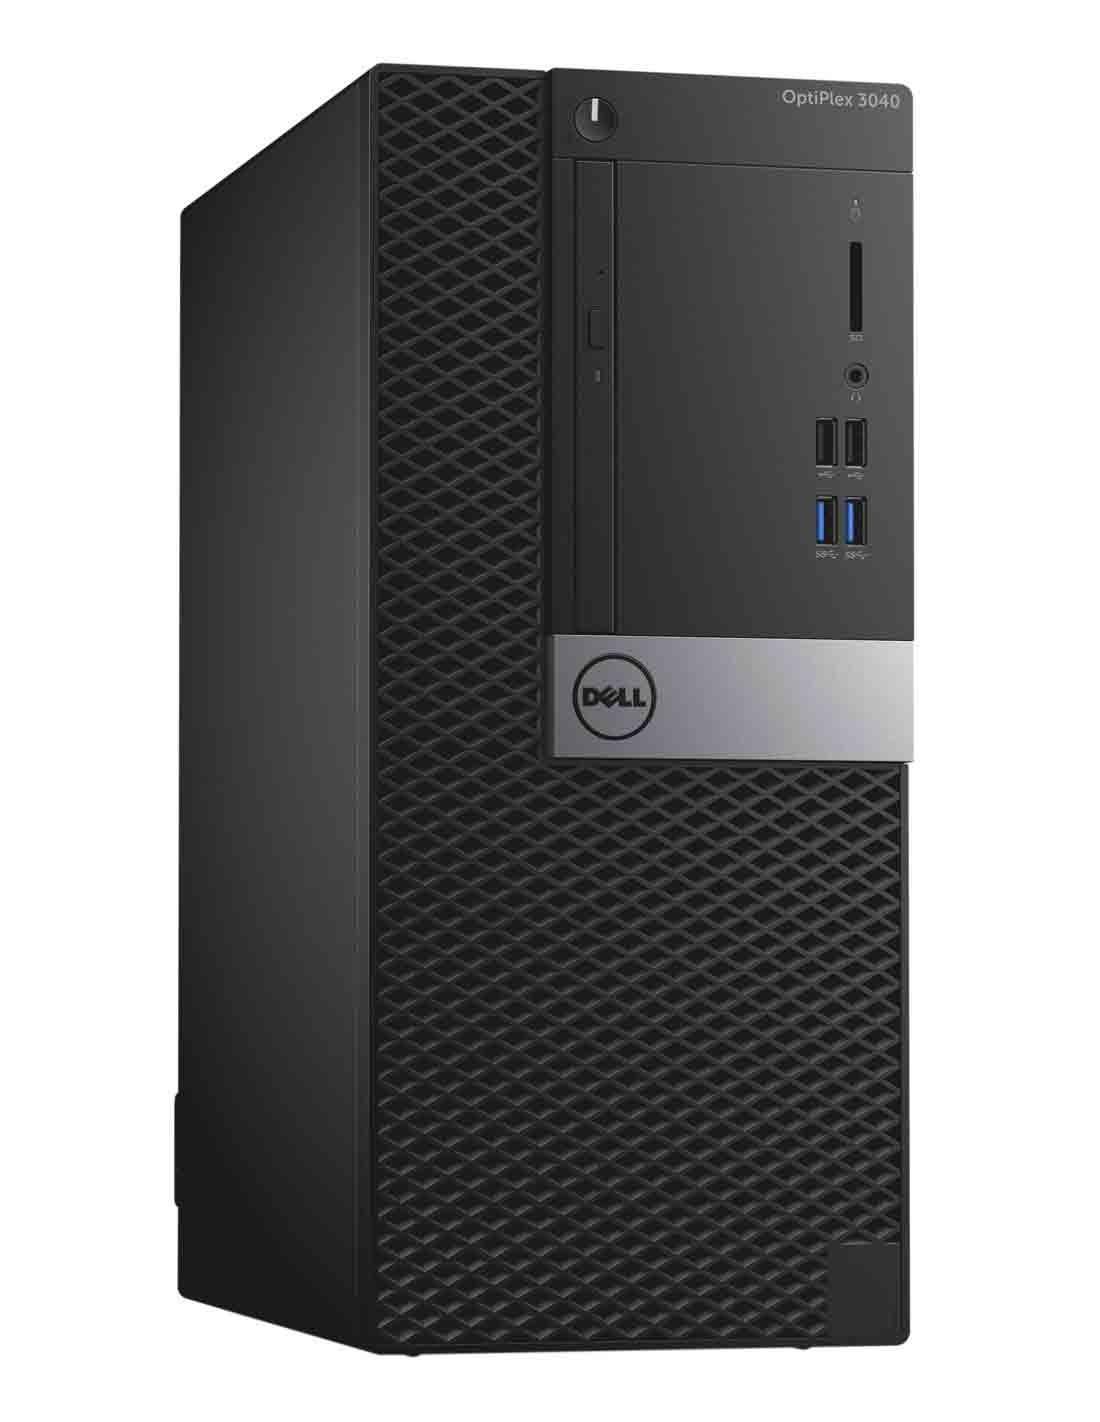 Dell Optiplex 3040 Mini Tower (MT) Images